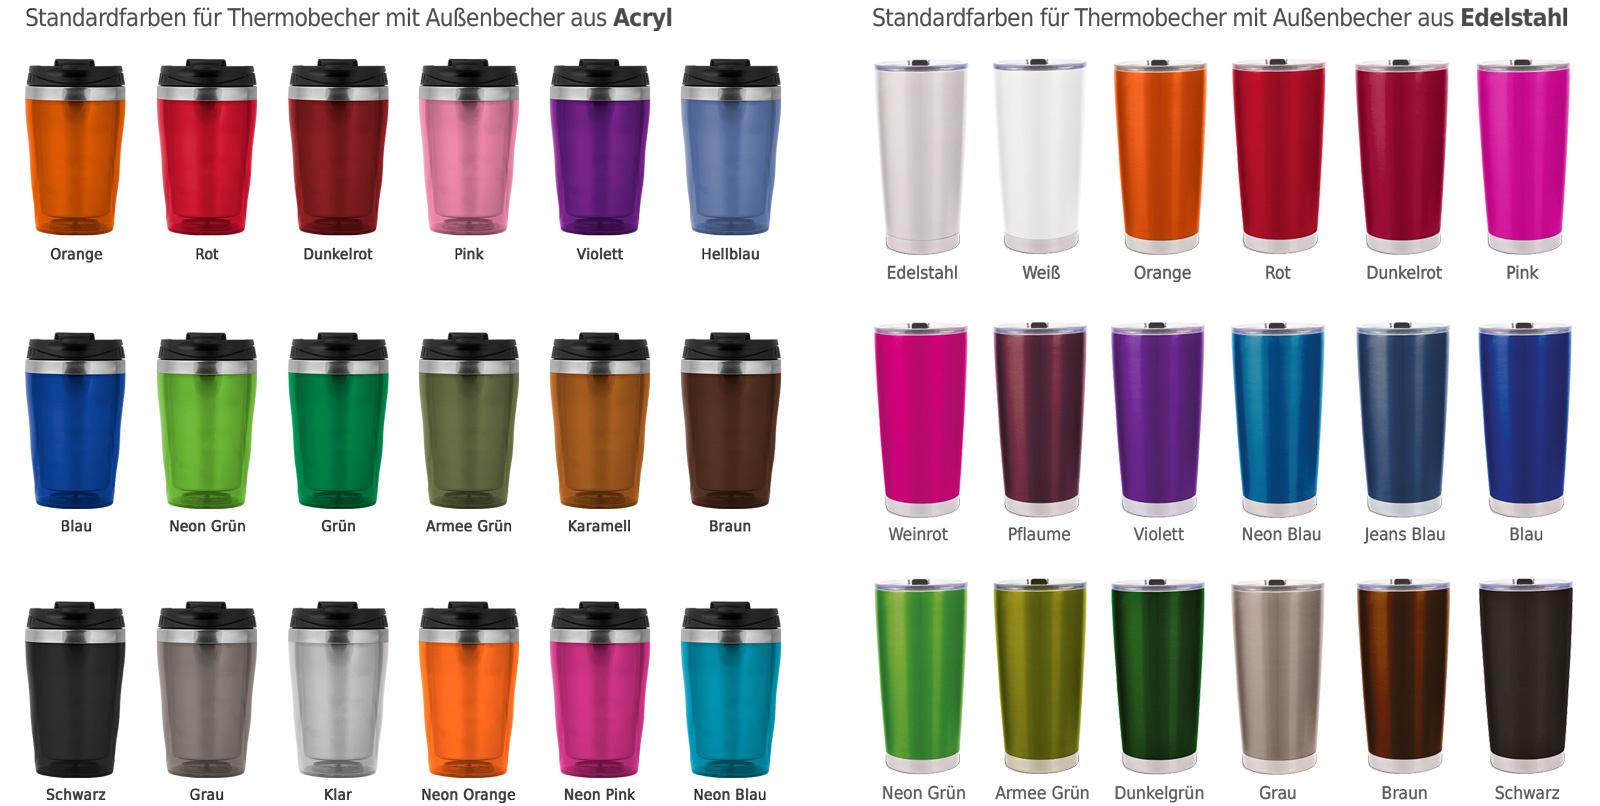 Farben - Cup Trends Thermobecher, orange, rot, pink, blau, grün, braun, schwarz